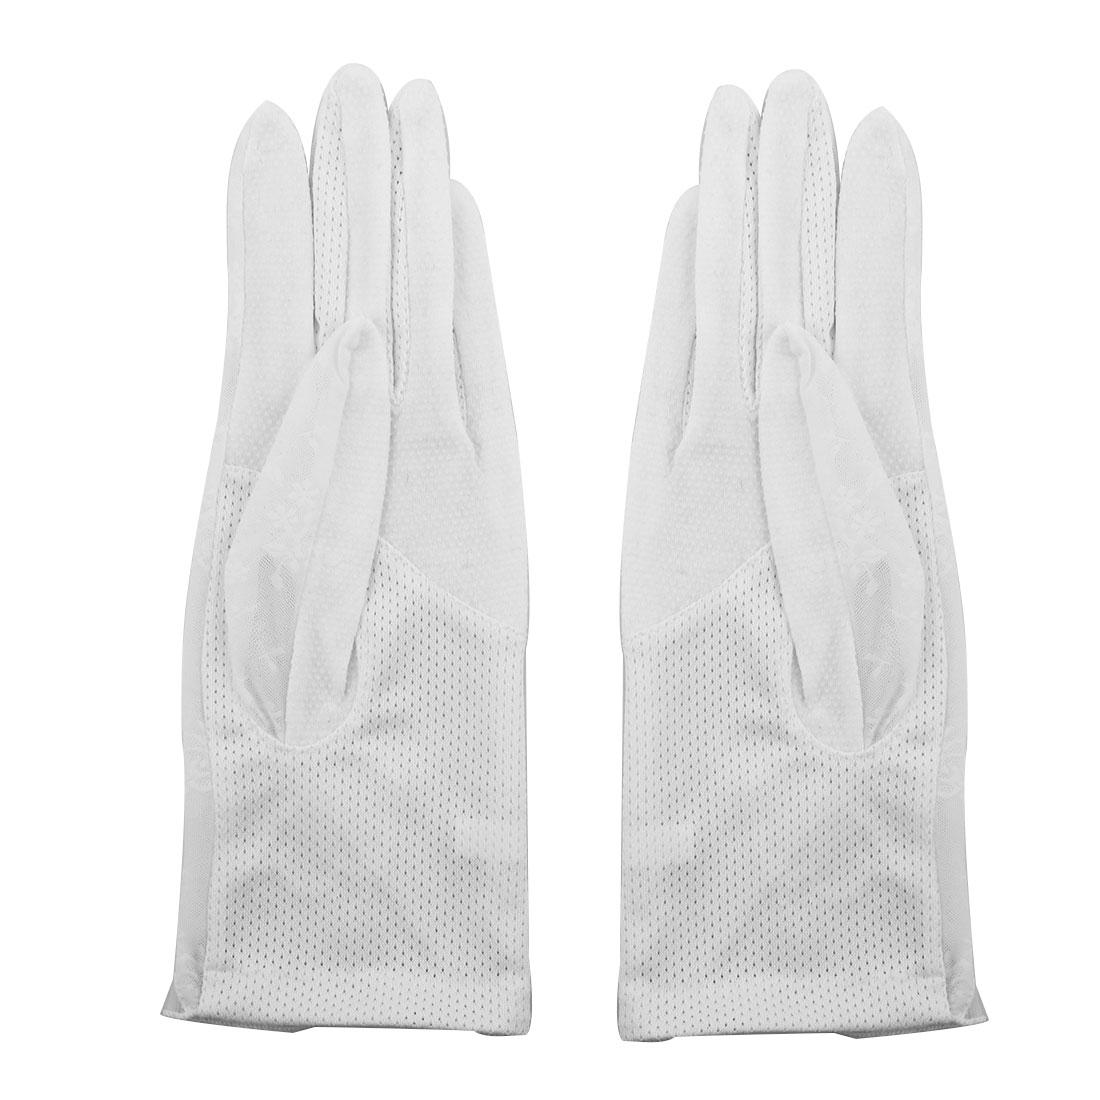 Outdoor Travel Driving Flower Decor Full Finger Non-slip Sun Resistant Gloves White Pair for Women Ladies